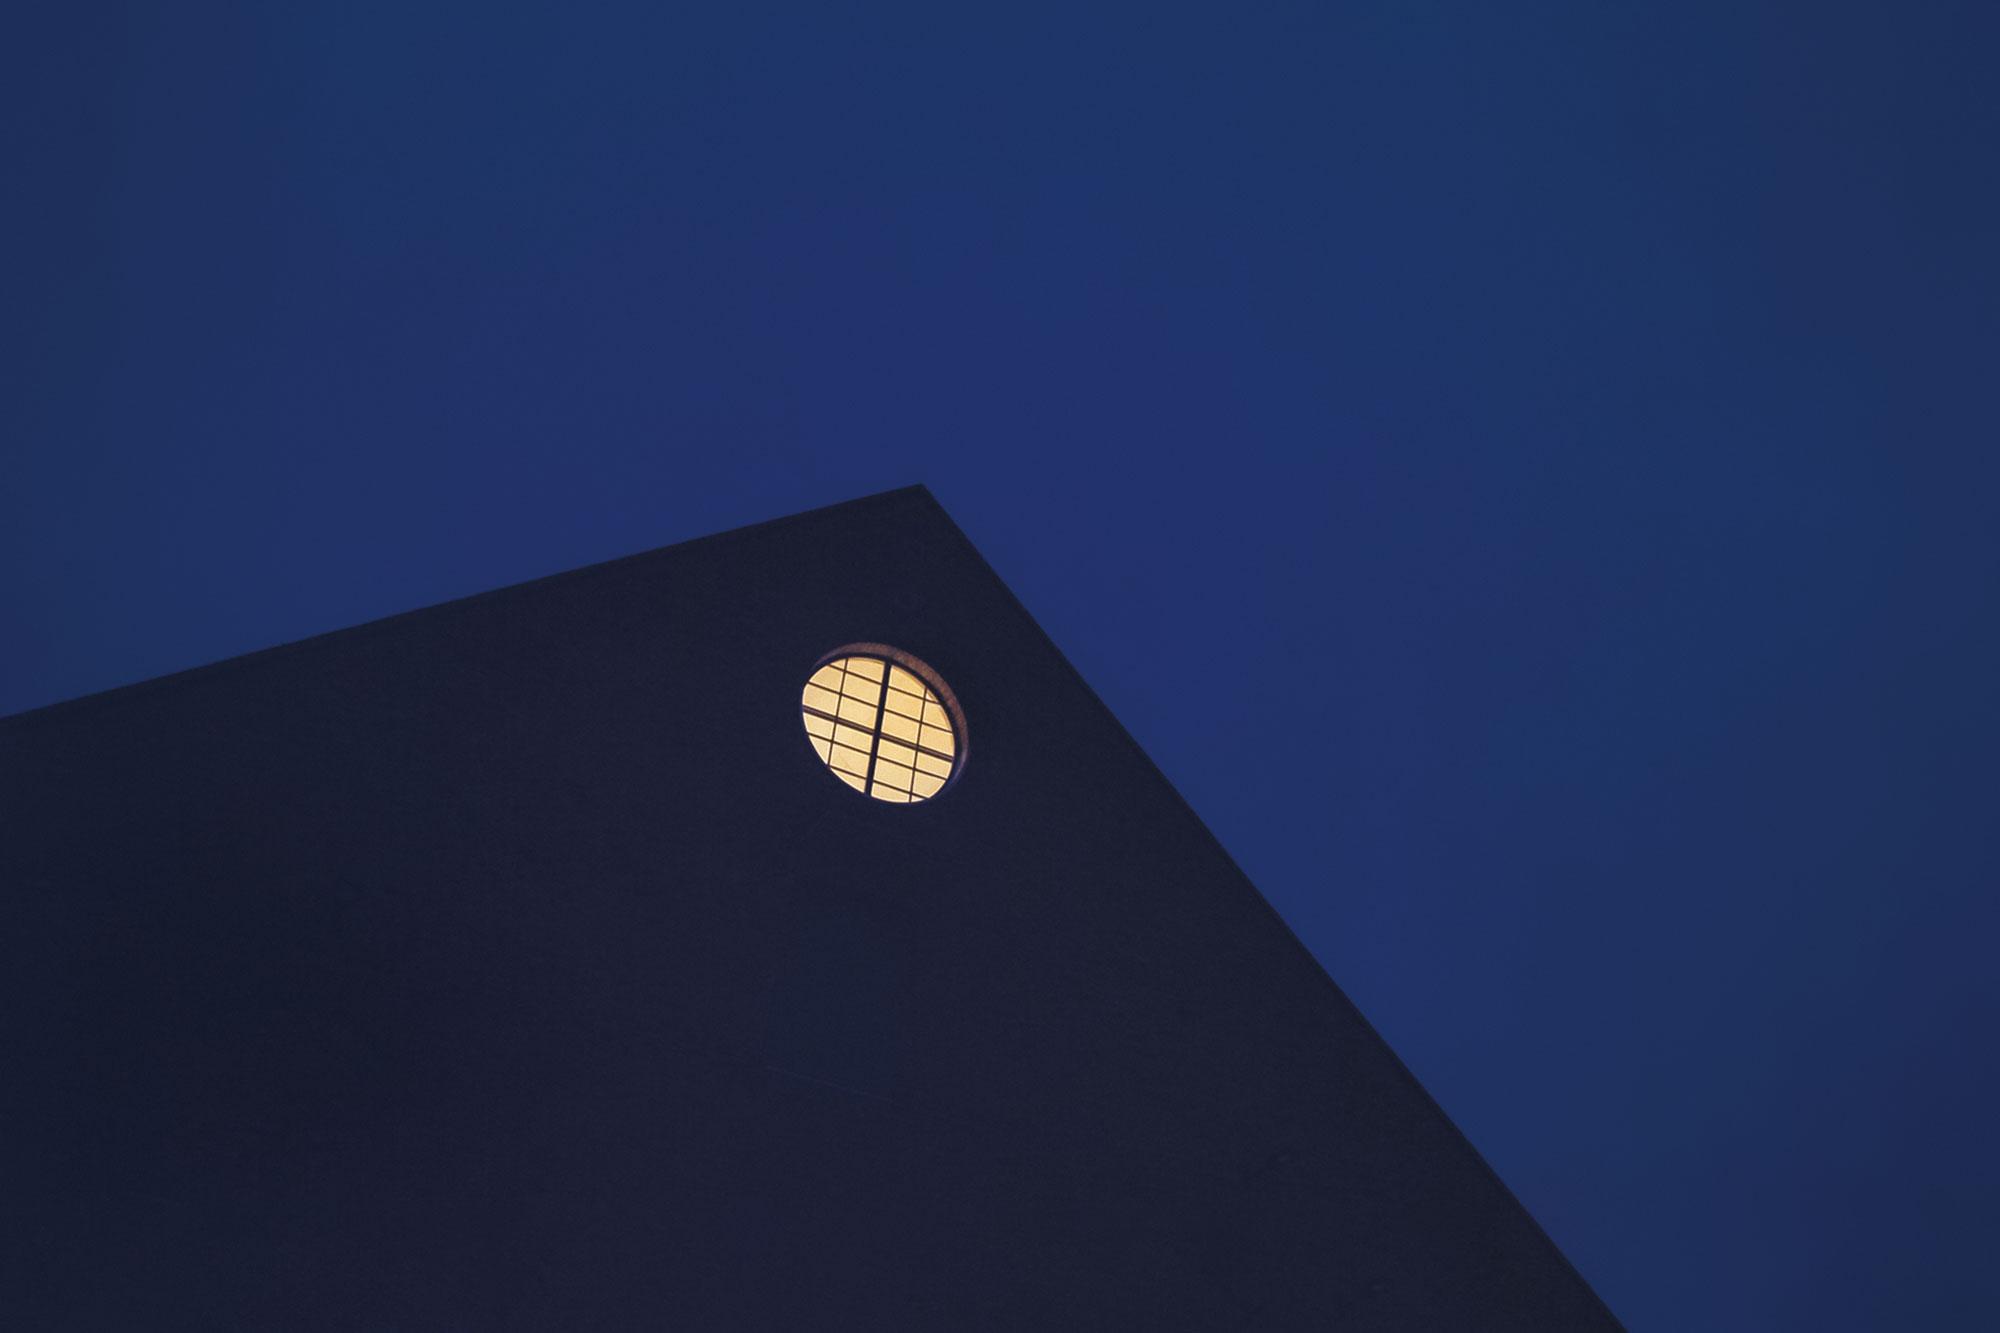 Kalevan Navetan pyöreä ikkuna loistaa illalla